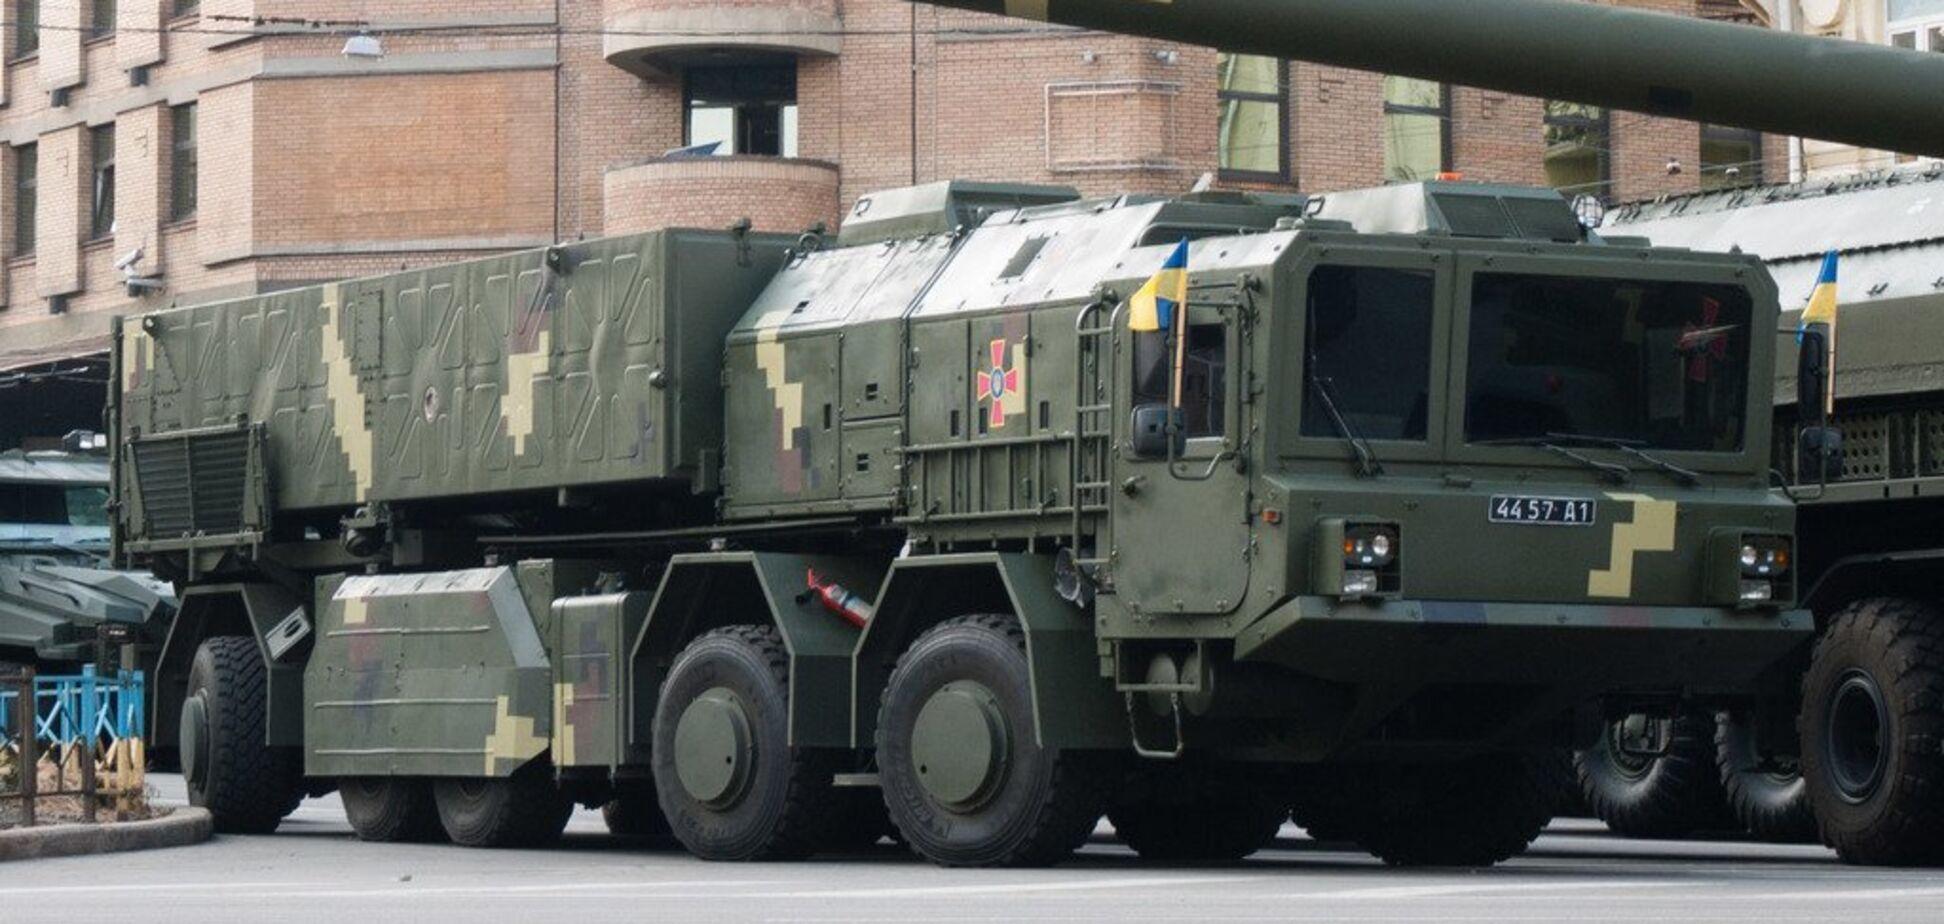 Українськими ракетами по Москві: озвучено прогноз по виходу США з договору РСМД